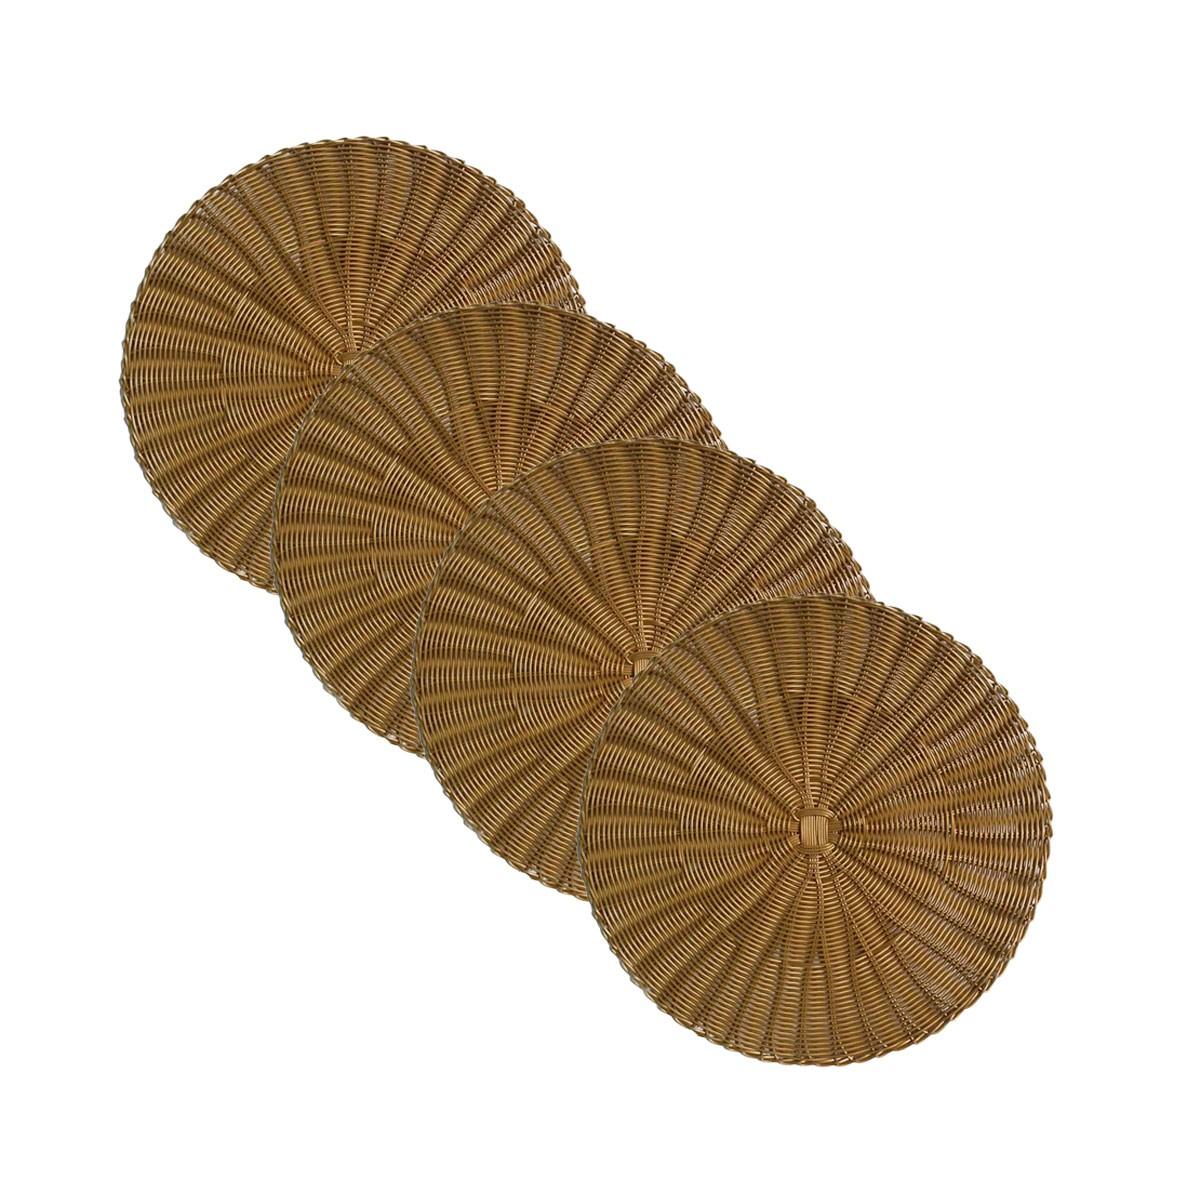 Jogo 4 Sousplats de Plástico Dourado   - Lemis